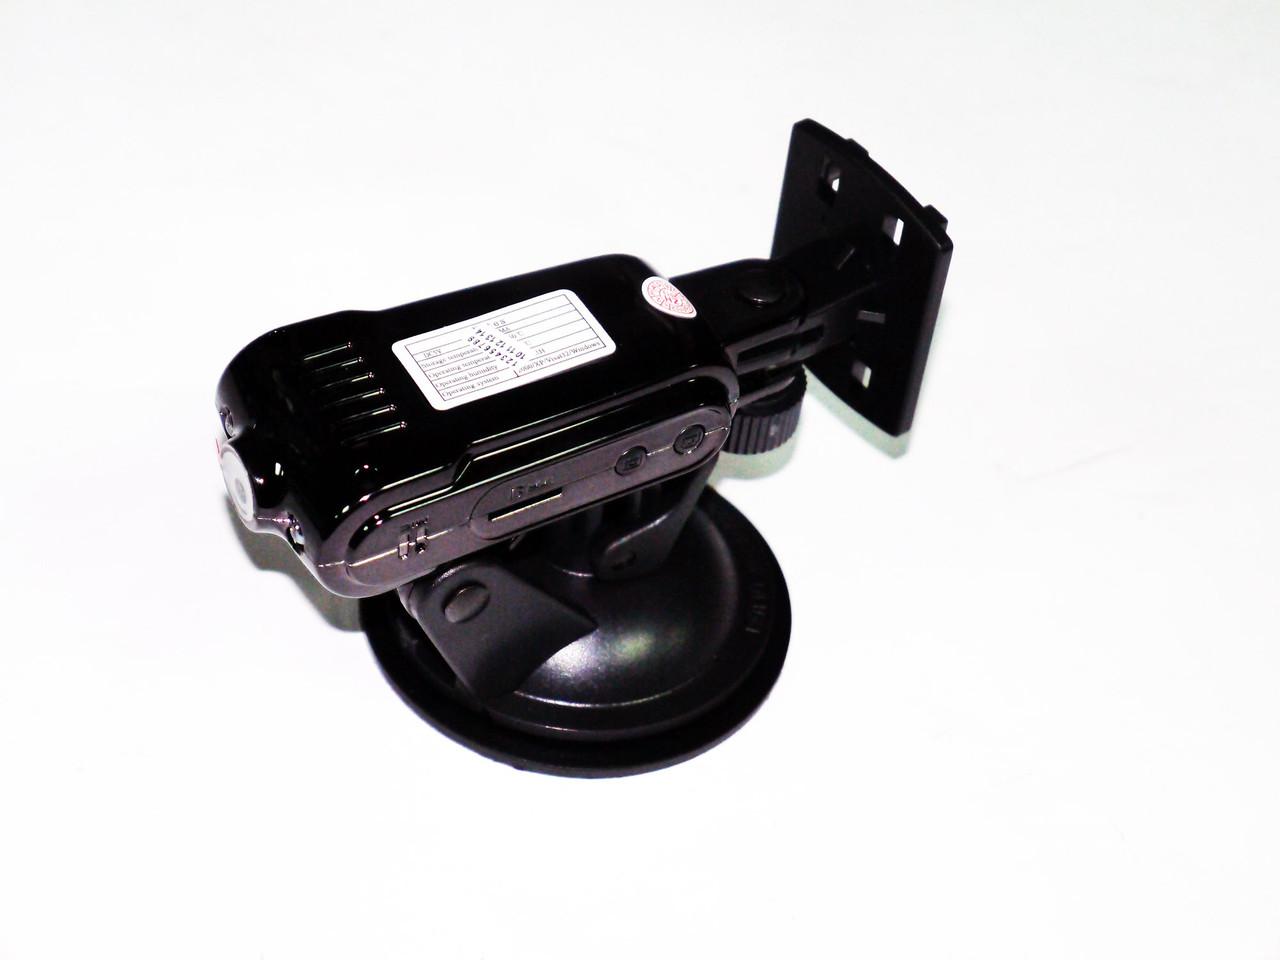 Atlas VR1 Видеорегистратор с креплением для навигатора, фото 1